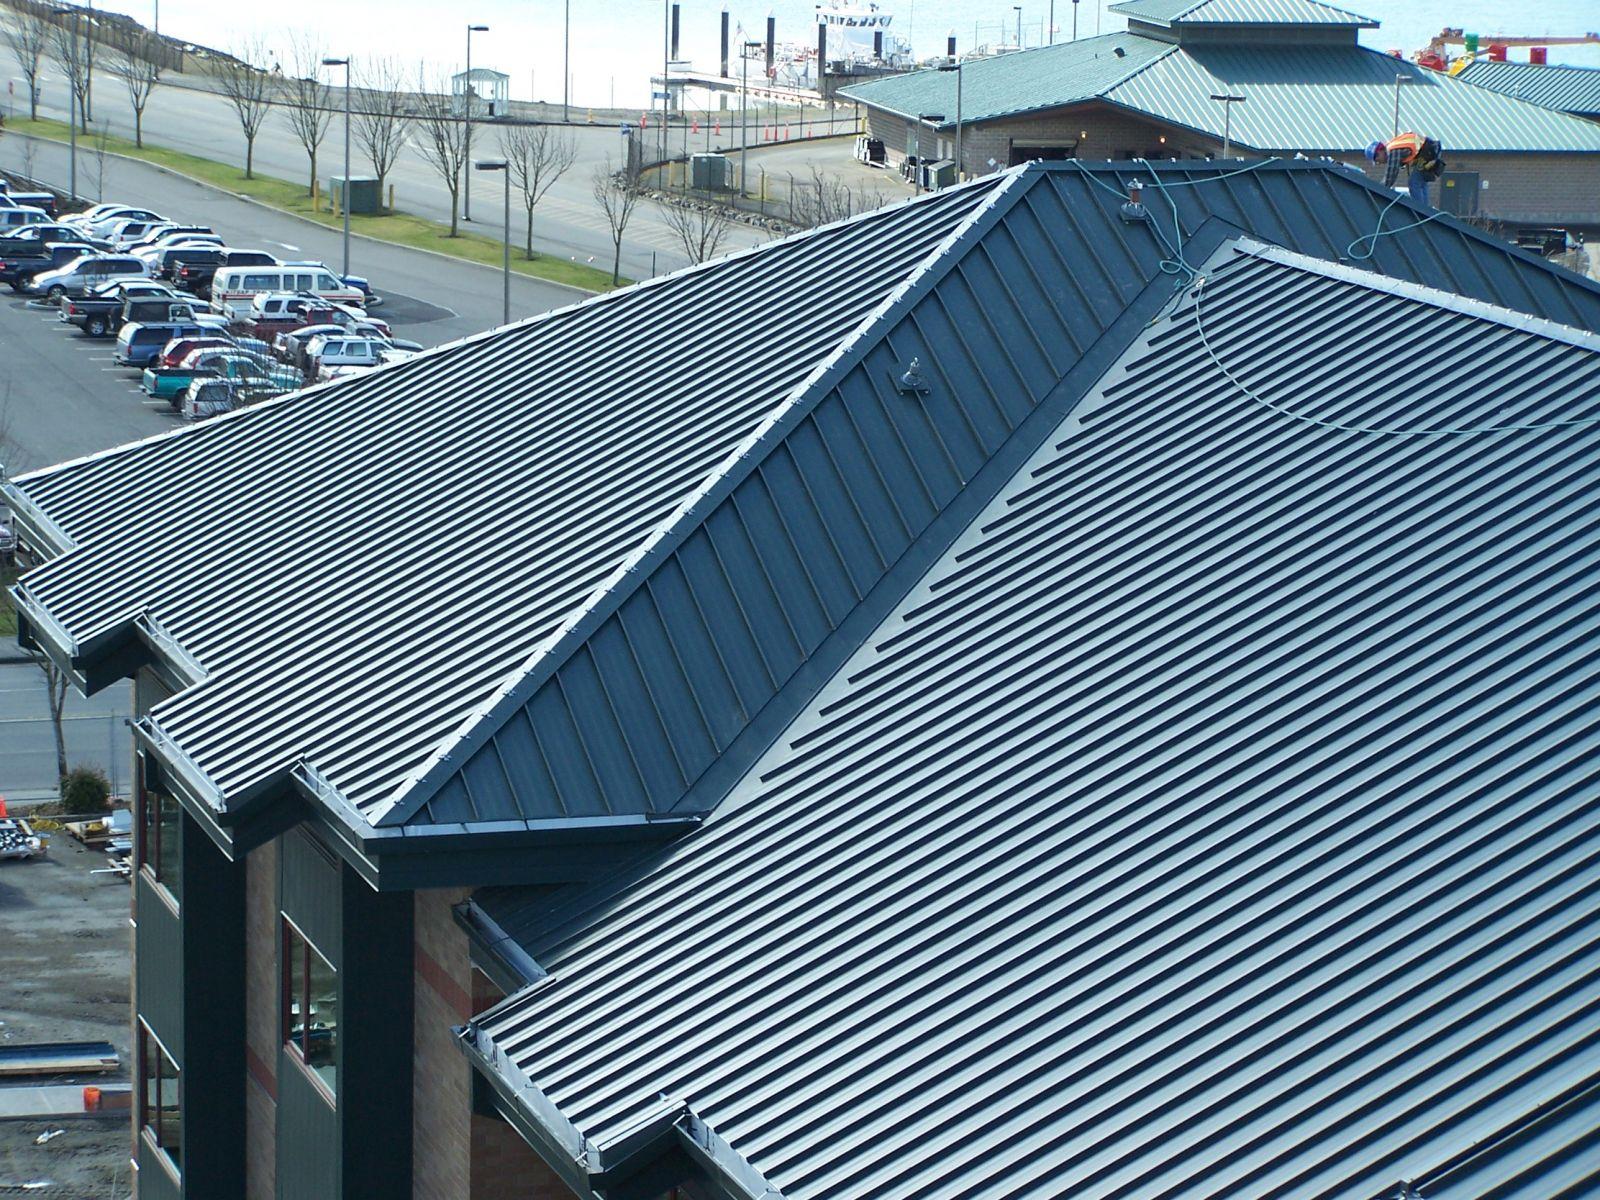 tất tần tật những lỗi cần hạn chế khi lắp đặt tôn lợp mái